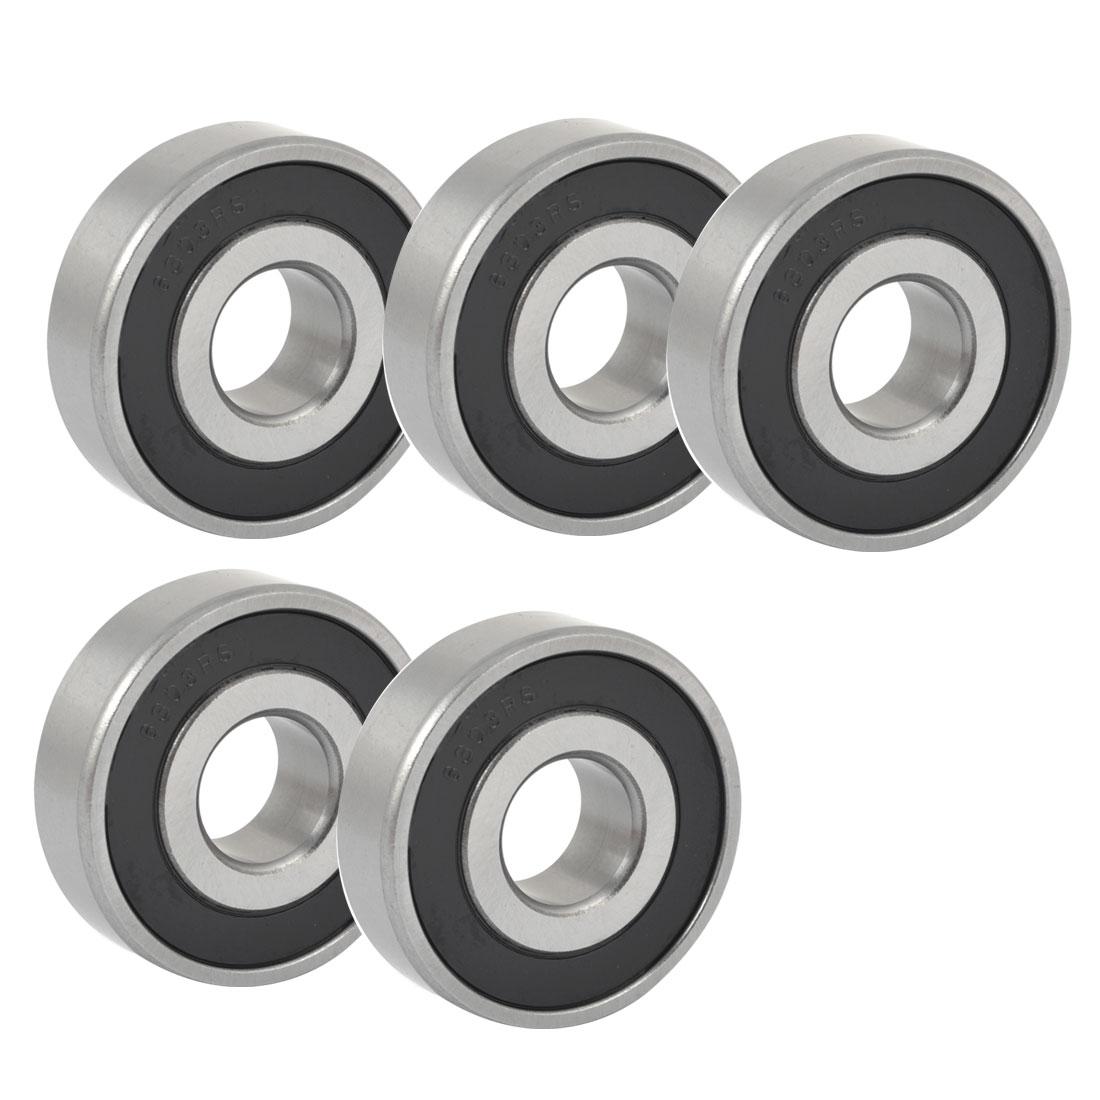 5PCS Silver Tone Black 6303RS Deep Groove Ball Bearing 47mm x 17mm x 14mm